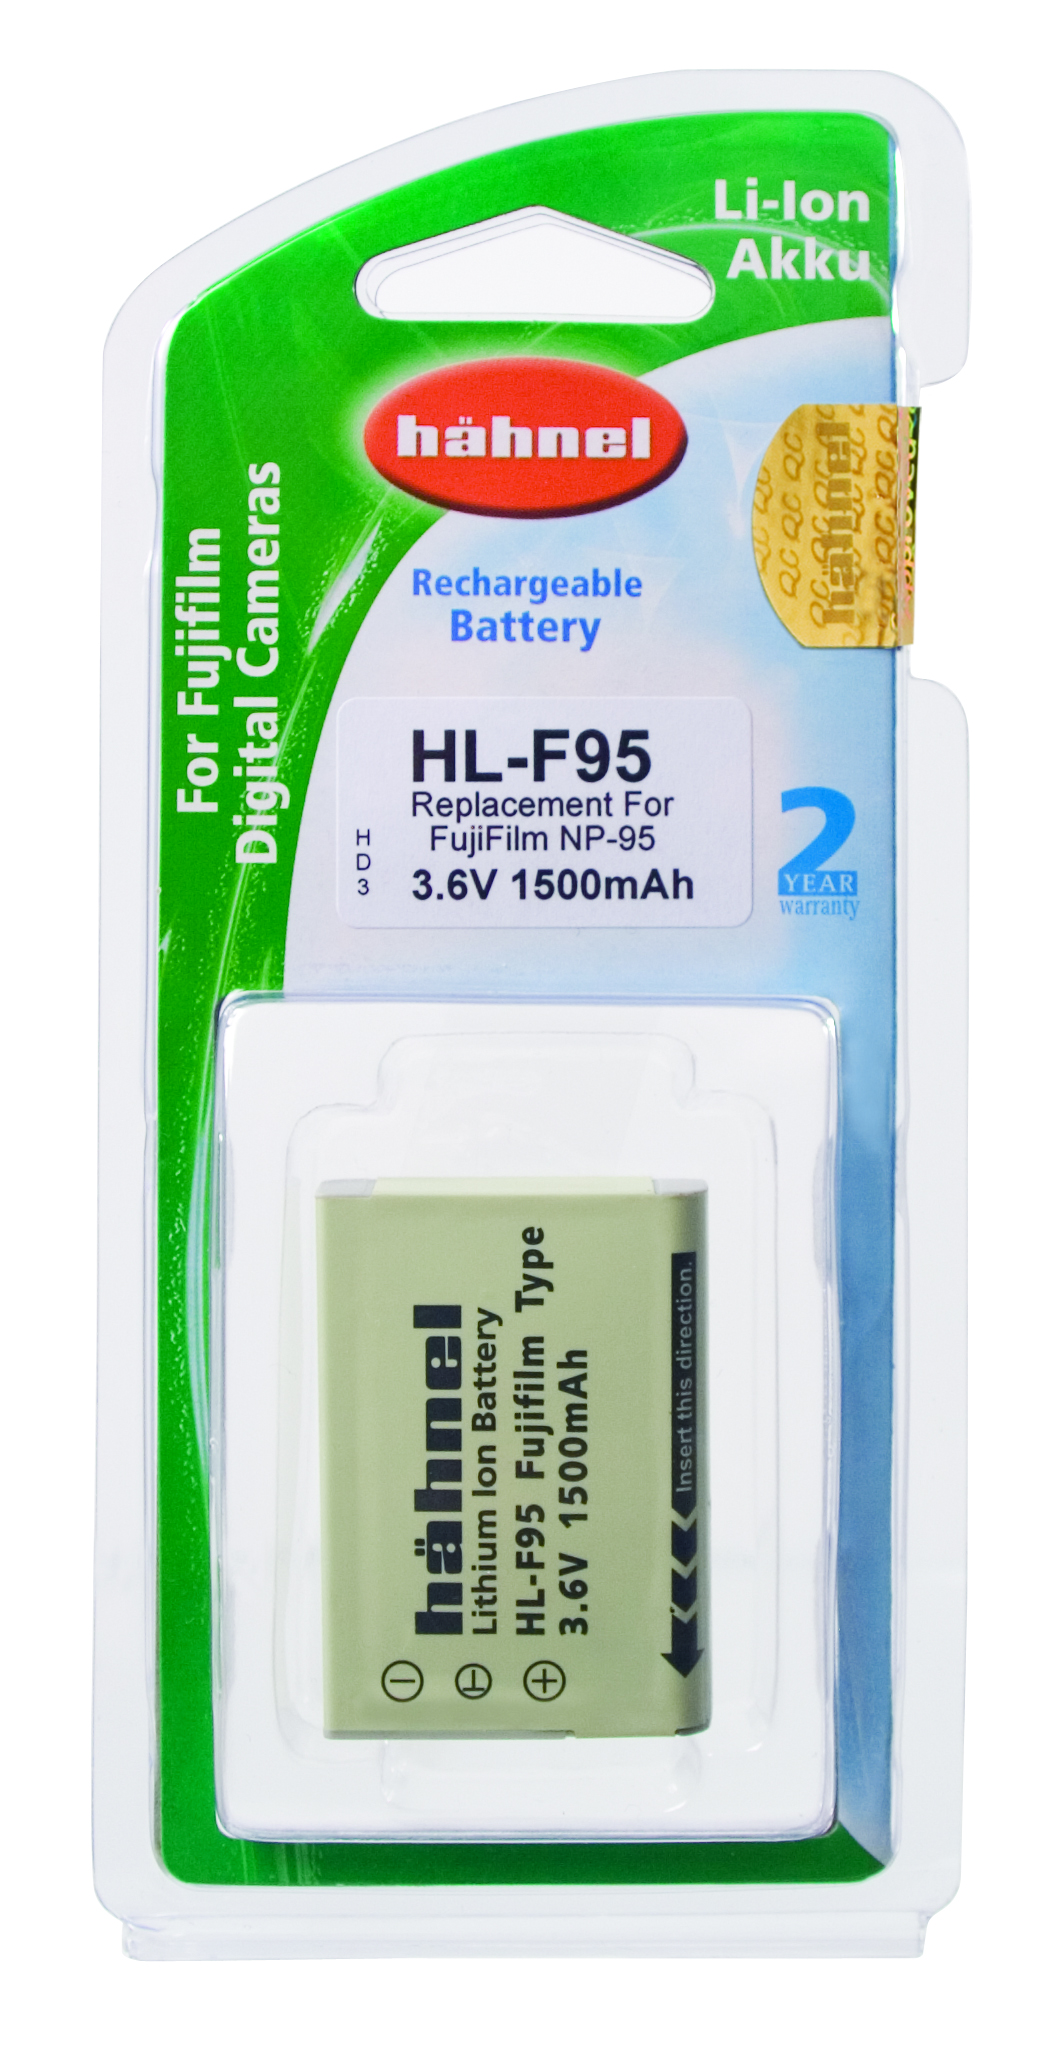 Hähnel HL-F95